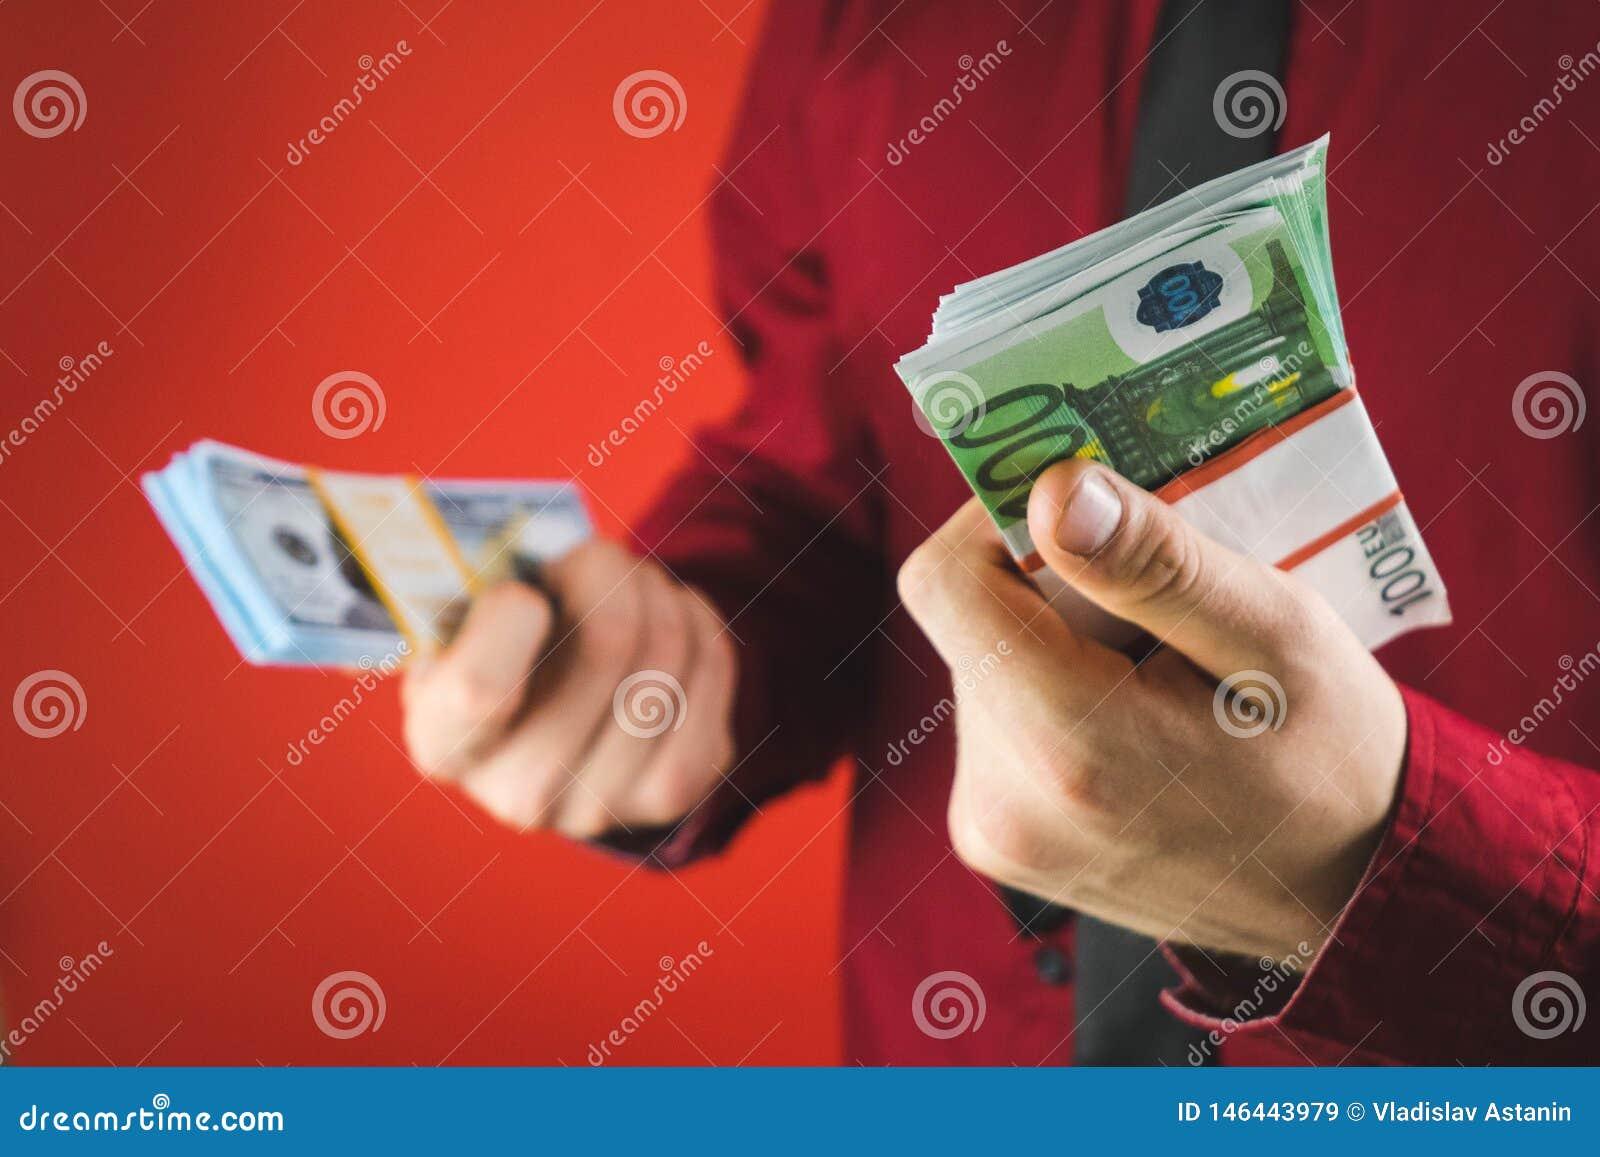 Ein Mann in einem roten Hemd mit einer Karte h?lt in seiner Hand ein Pack von Rechnungen auf einem roten Hintergrund